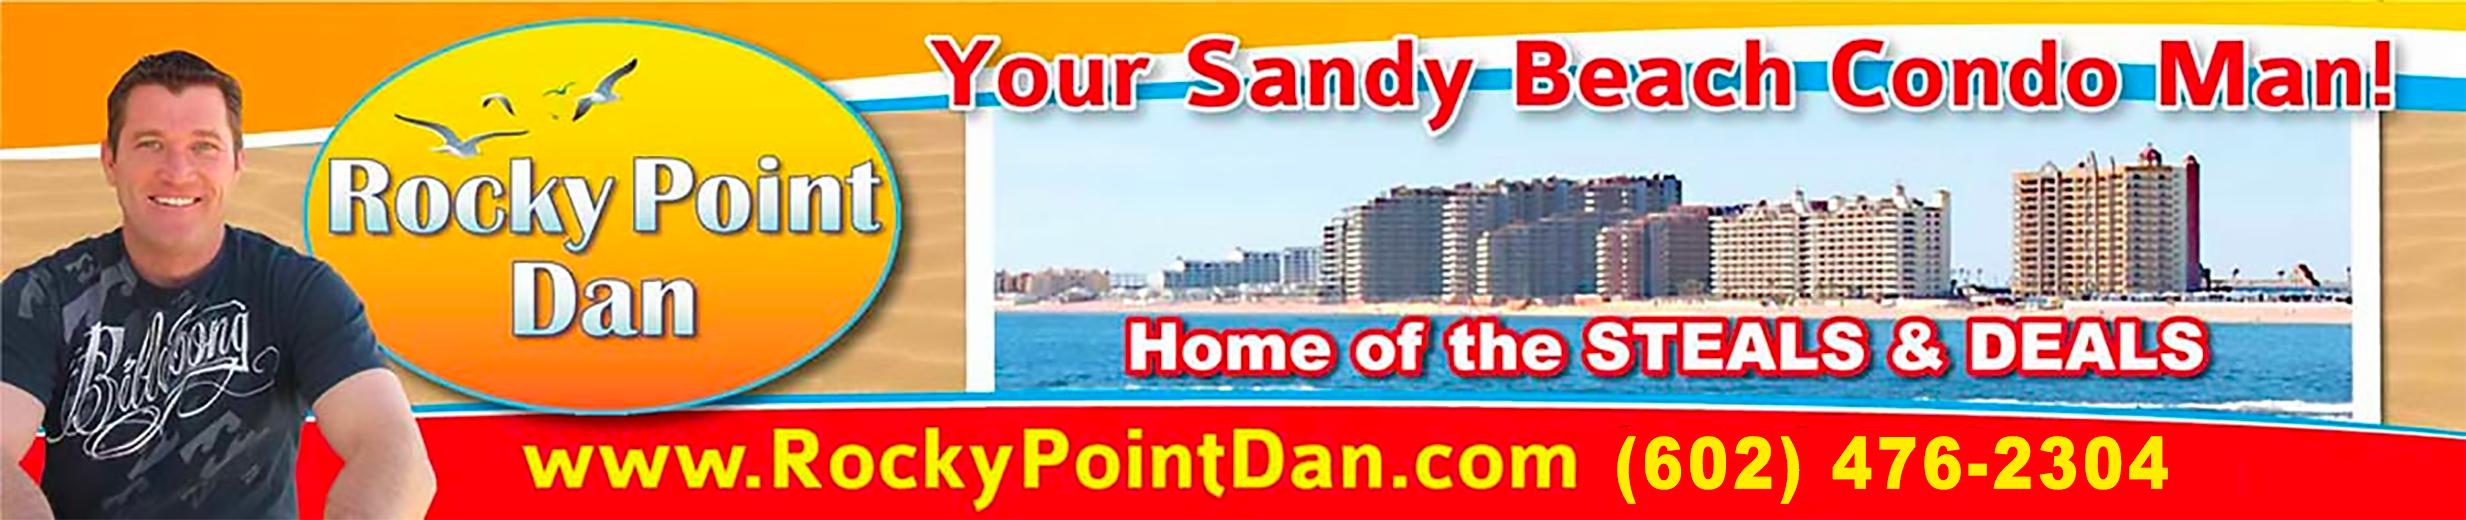 Rocky Point Dan